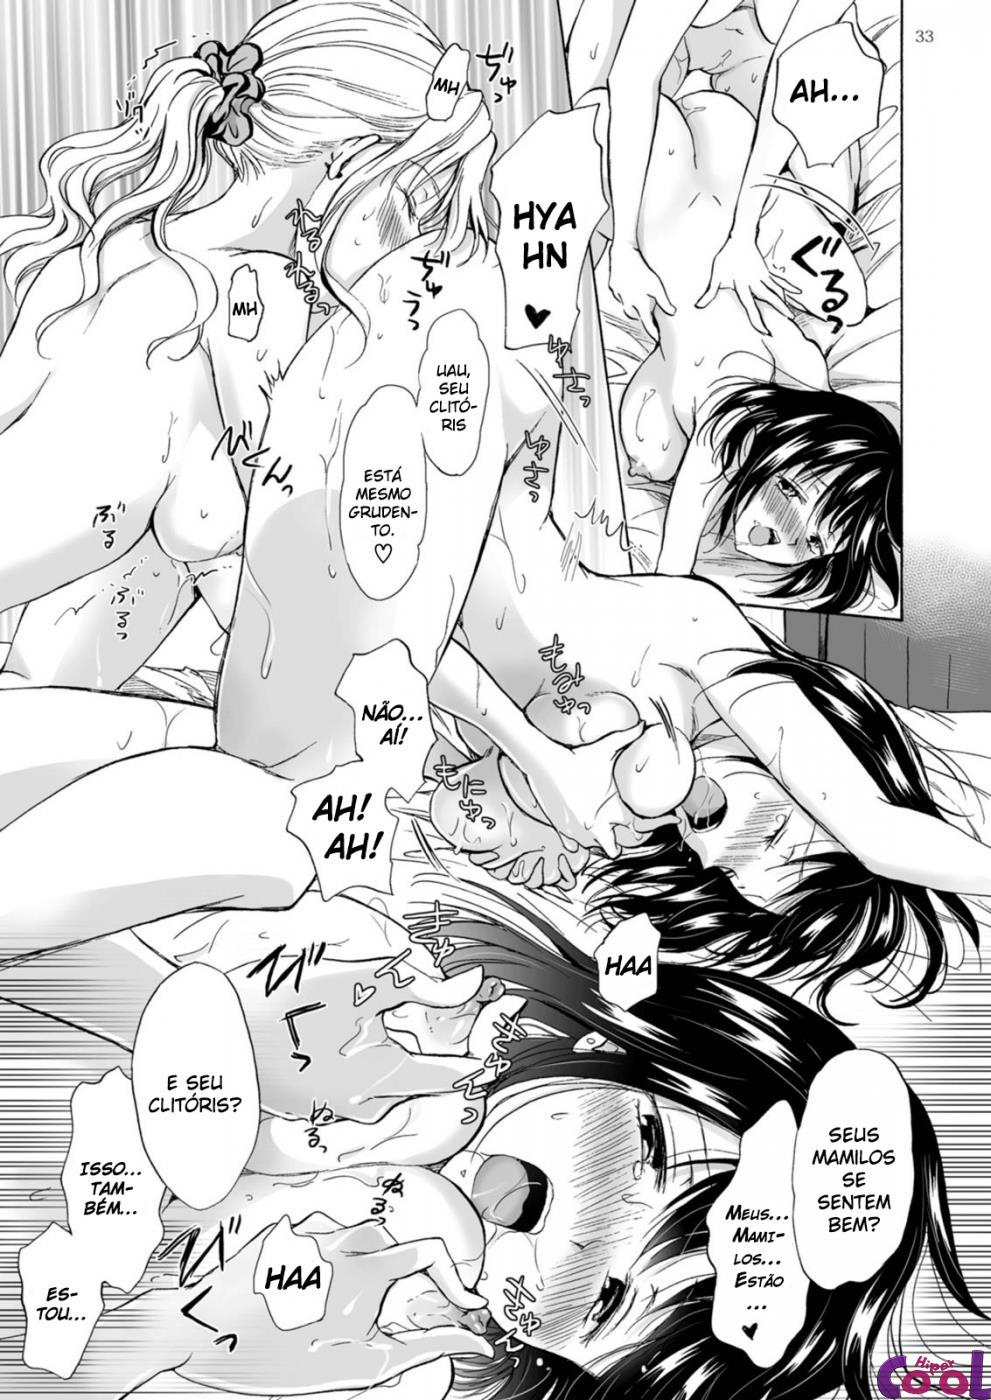 Hentai de sexo lésbico, amigas chupa xana